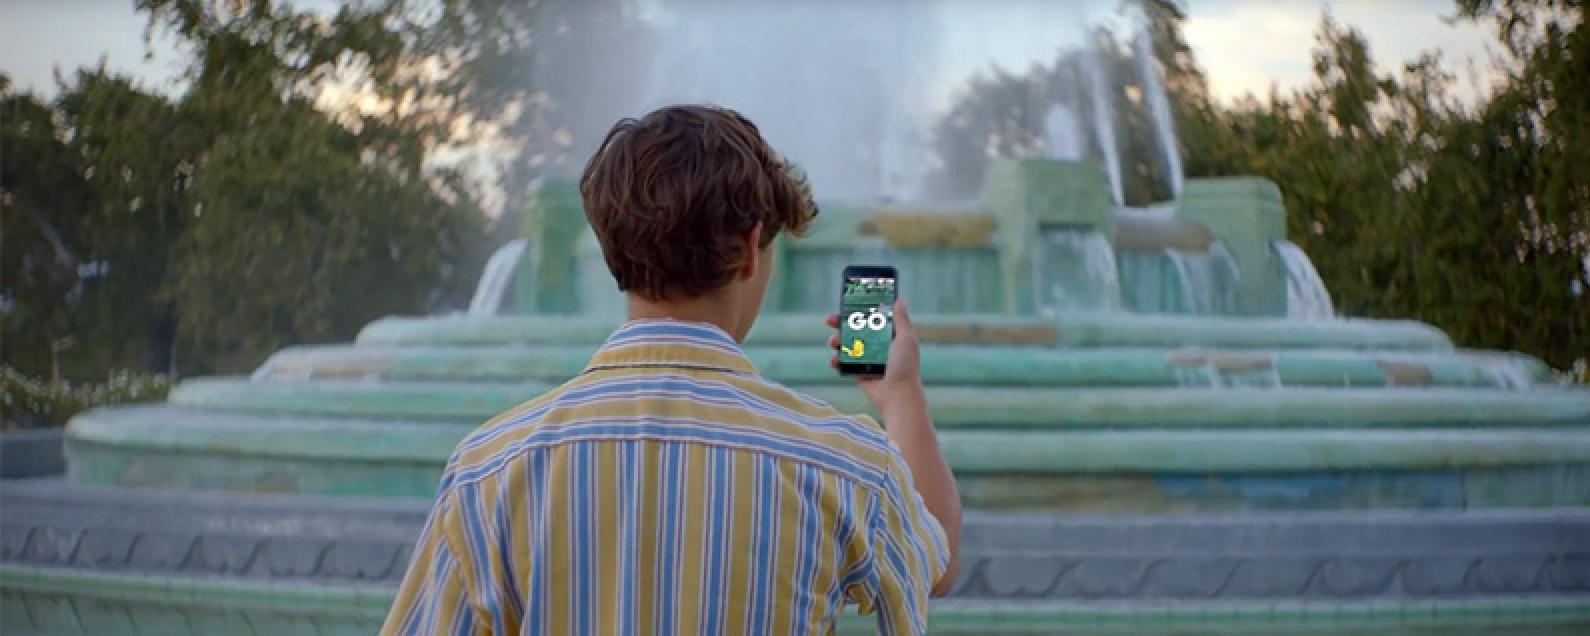 Nintendo's New iOS App Pokemon Go Captures Users and Headlines